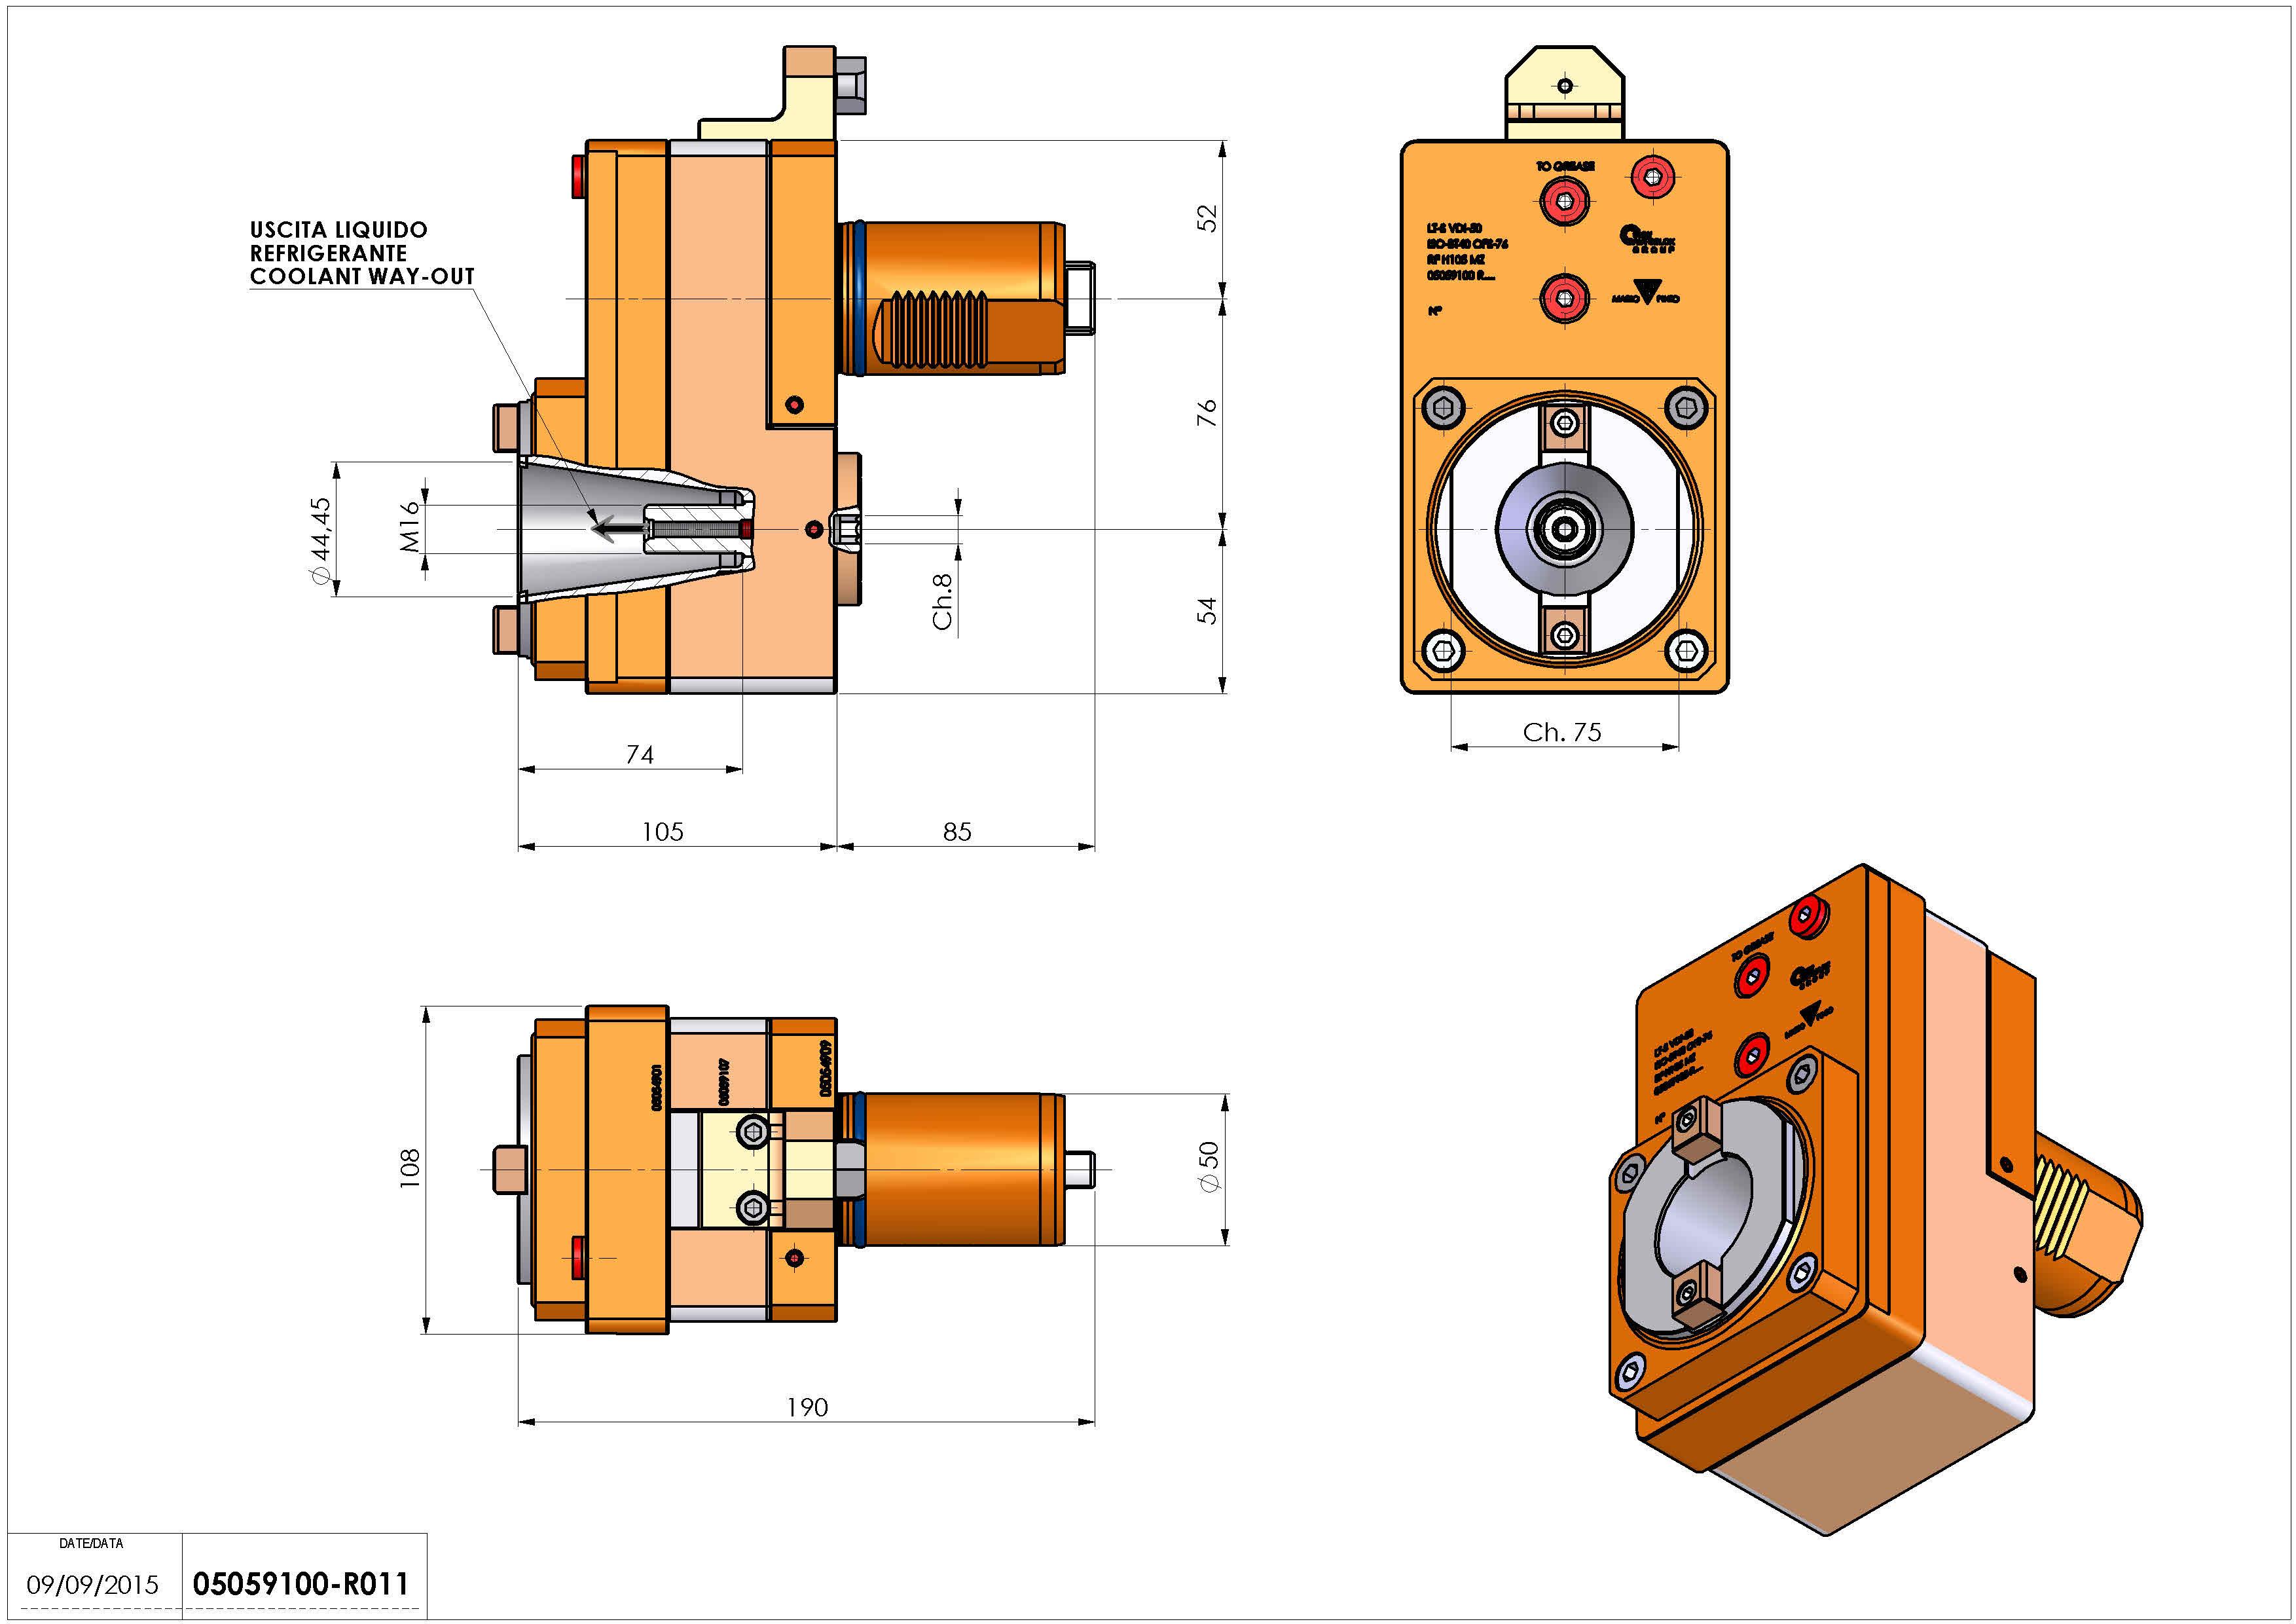 Technical image - LT-S VDI50ISOBT40OFS76RFH105MZ.